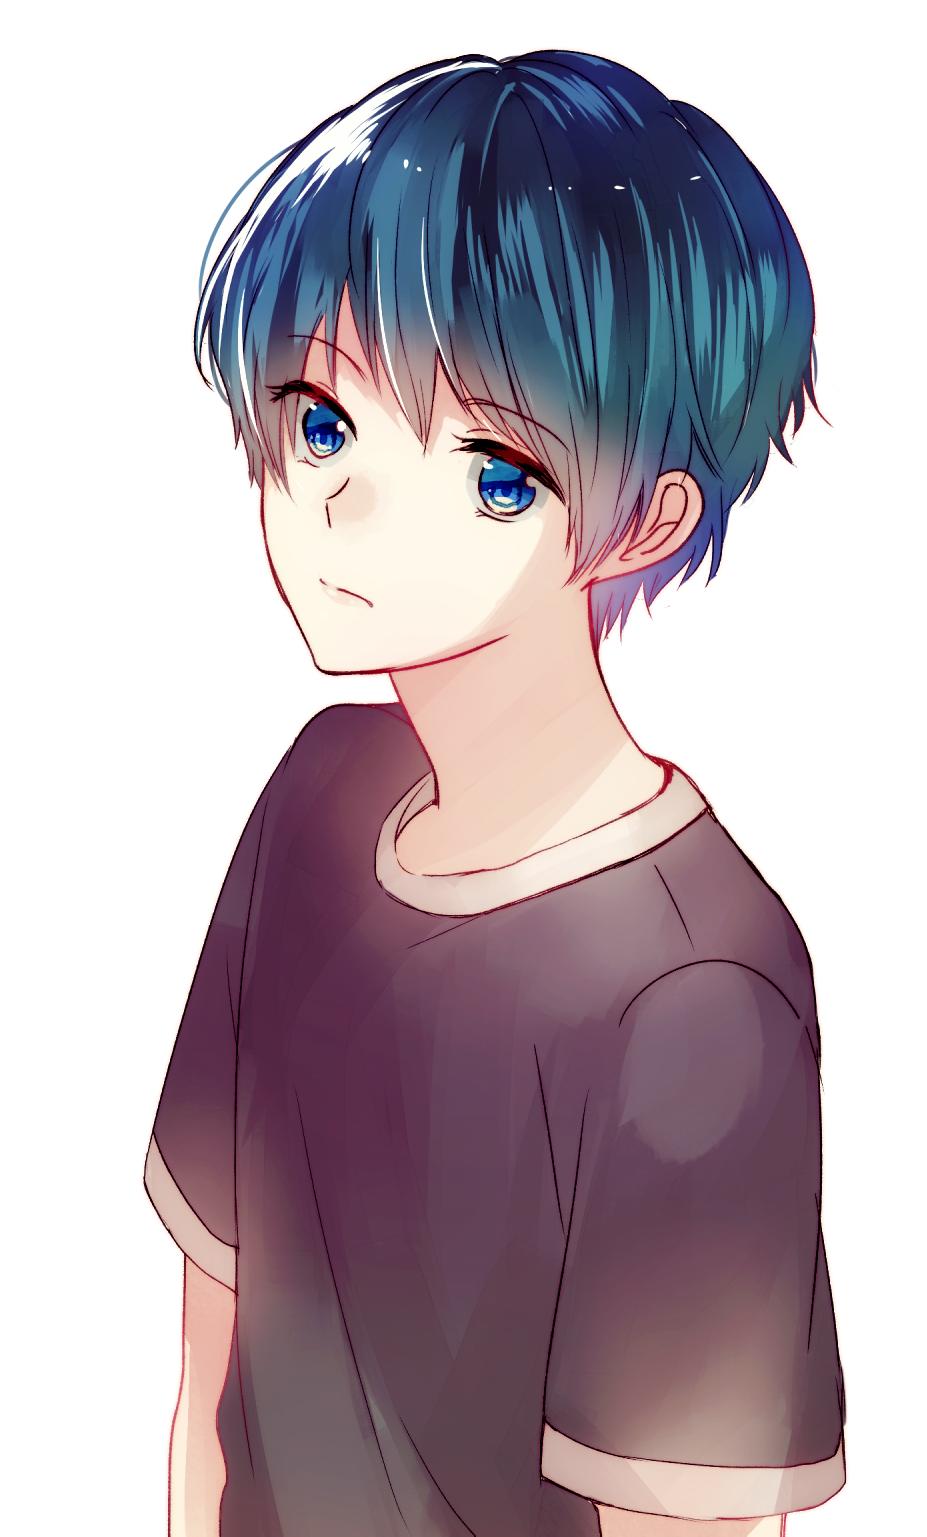 86852386 De04 4208 A831 83ef9ffbb57b Png 927 1 537 Pixel Seni Anime Animasi Orang Animasi